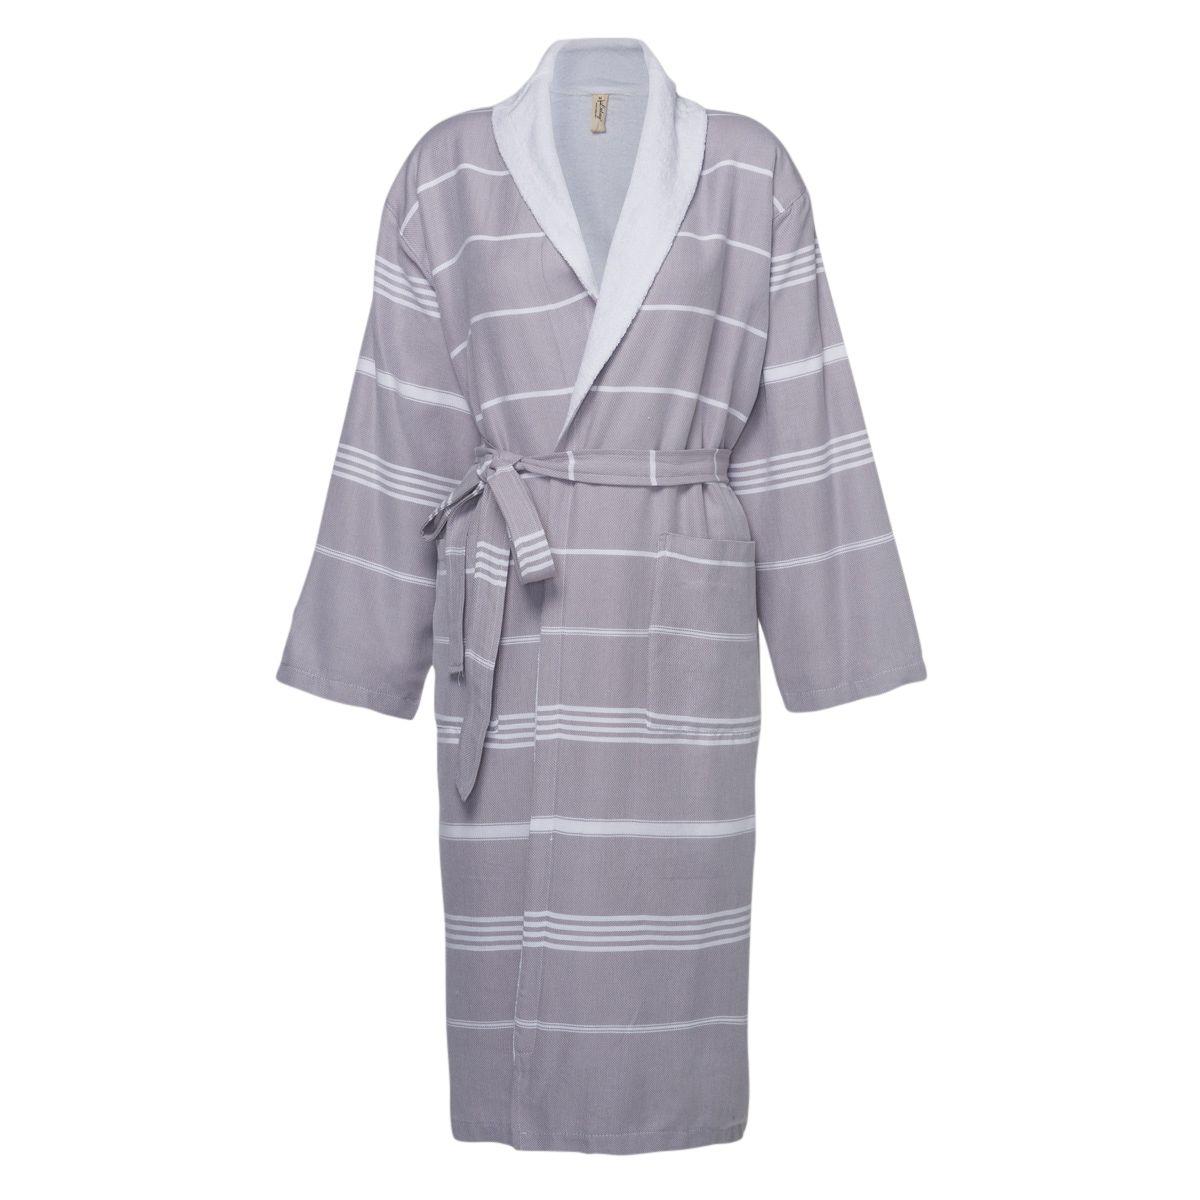 Bathrobe Leyla / With Towel Lining - Dark Grey